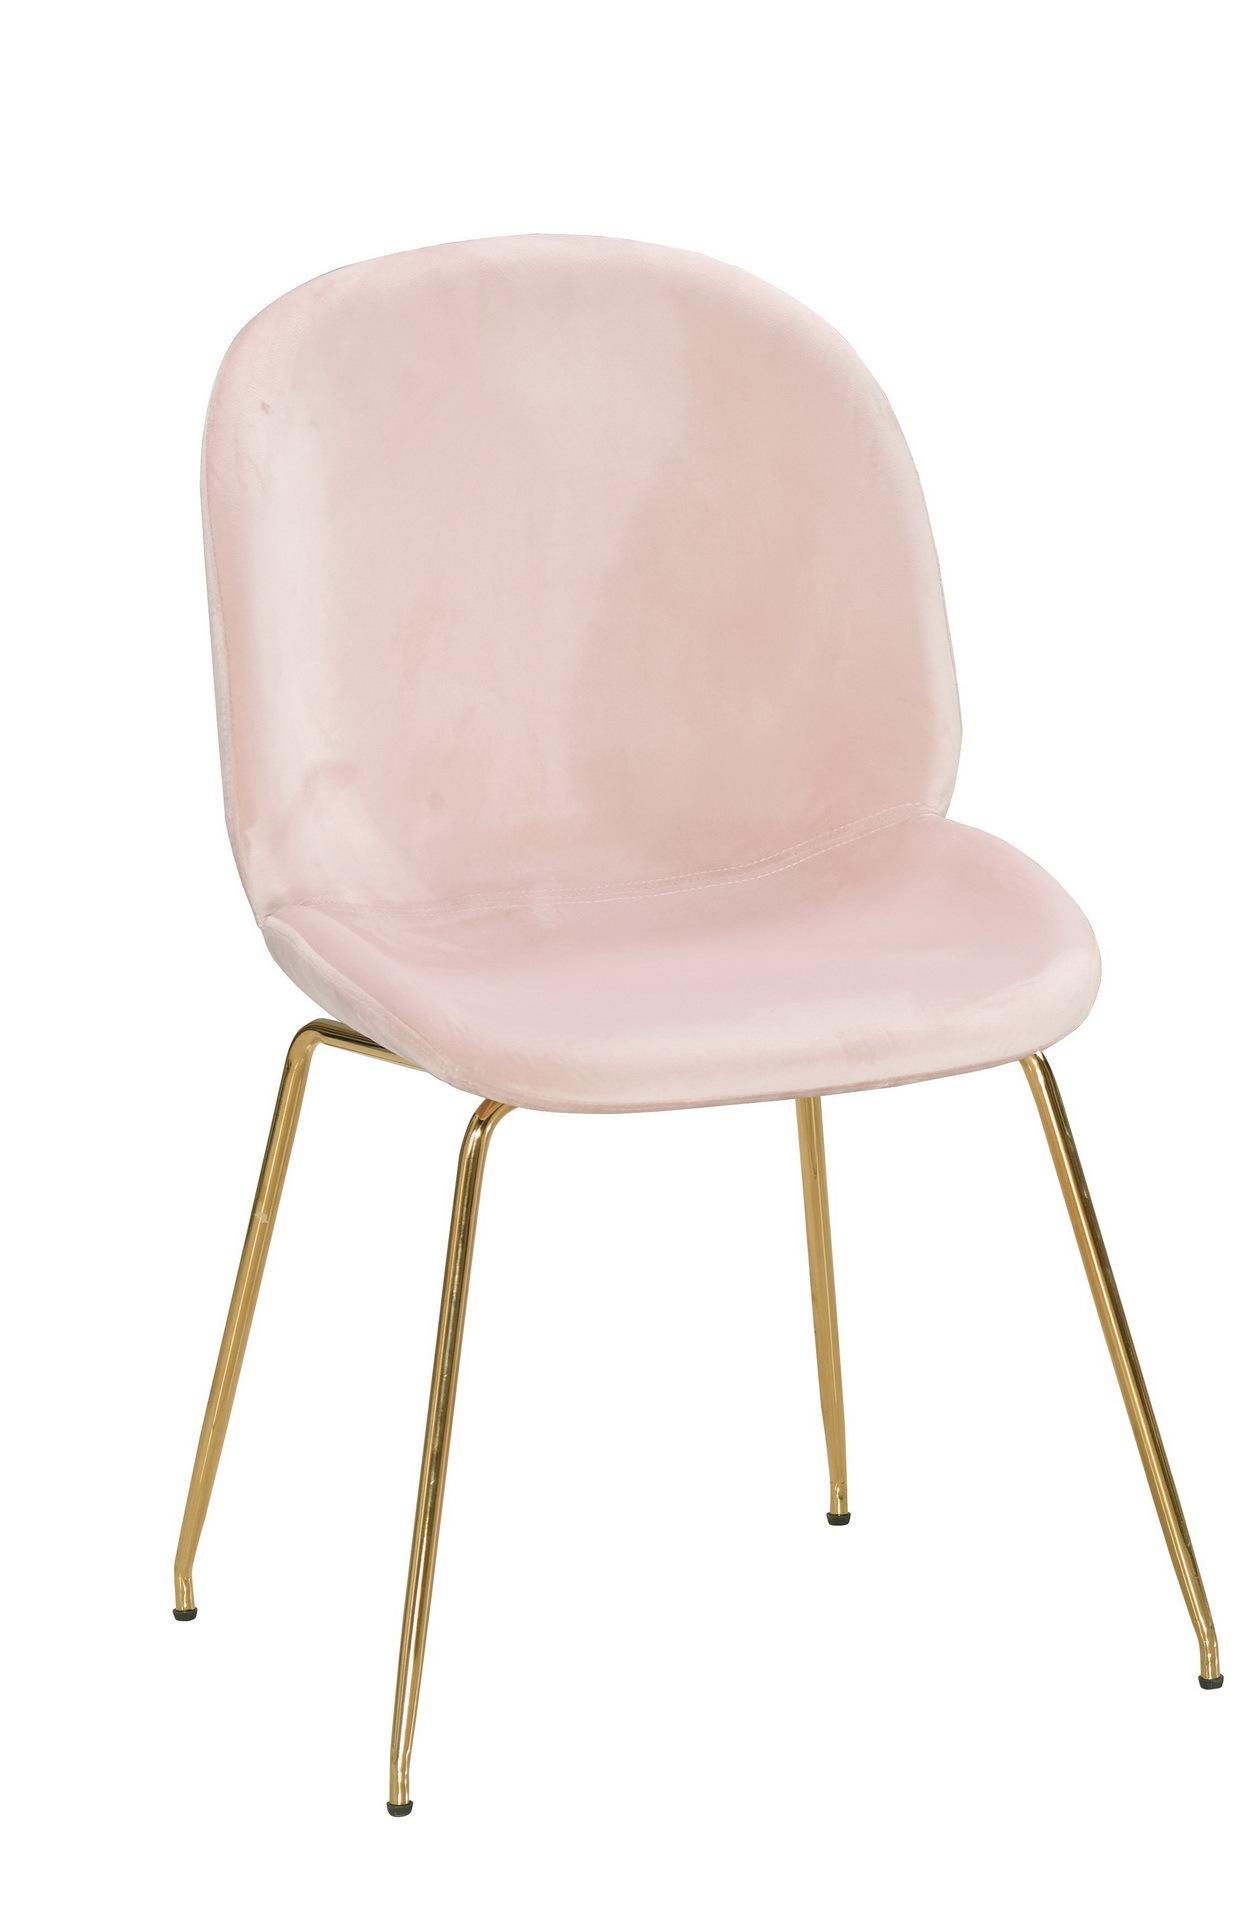 530-4 溫妮莎餐椅(粉布)(五金腳).jpg